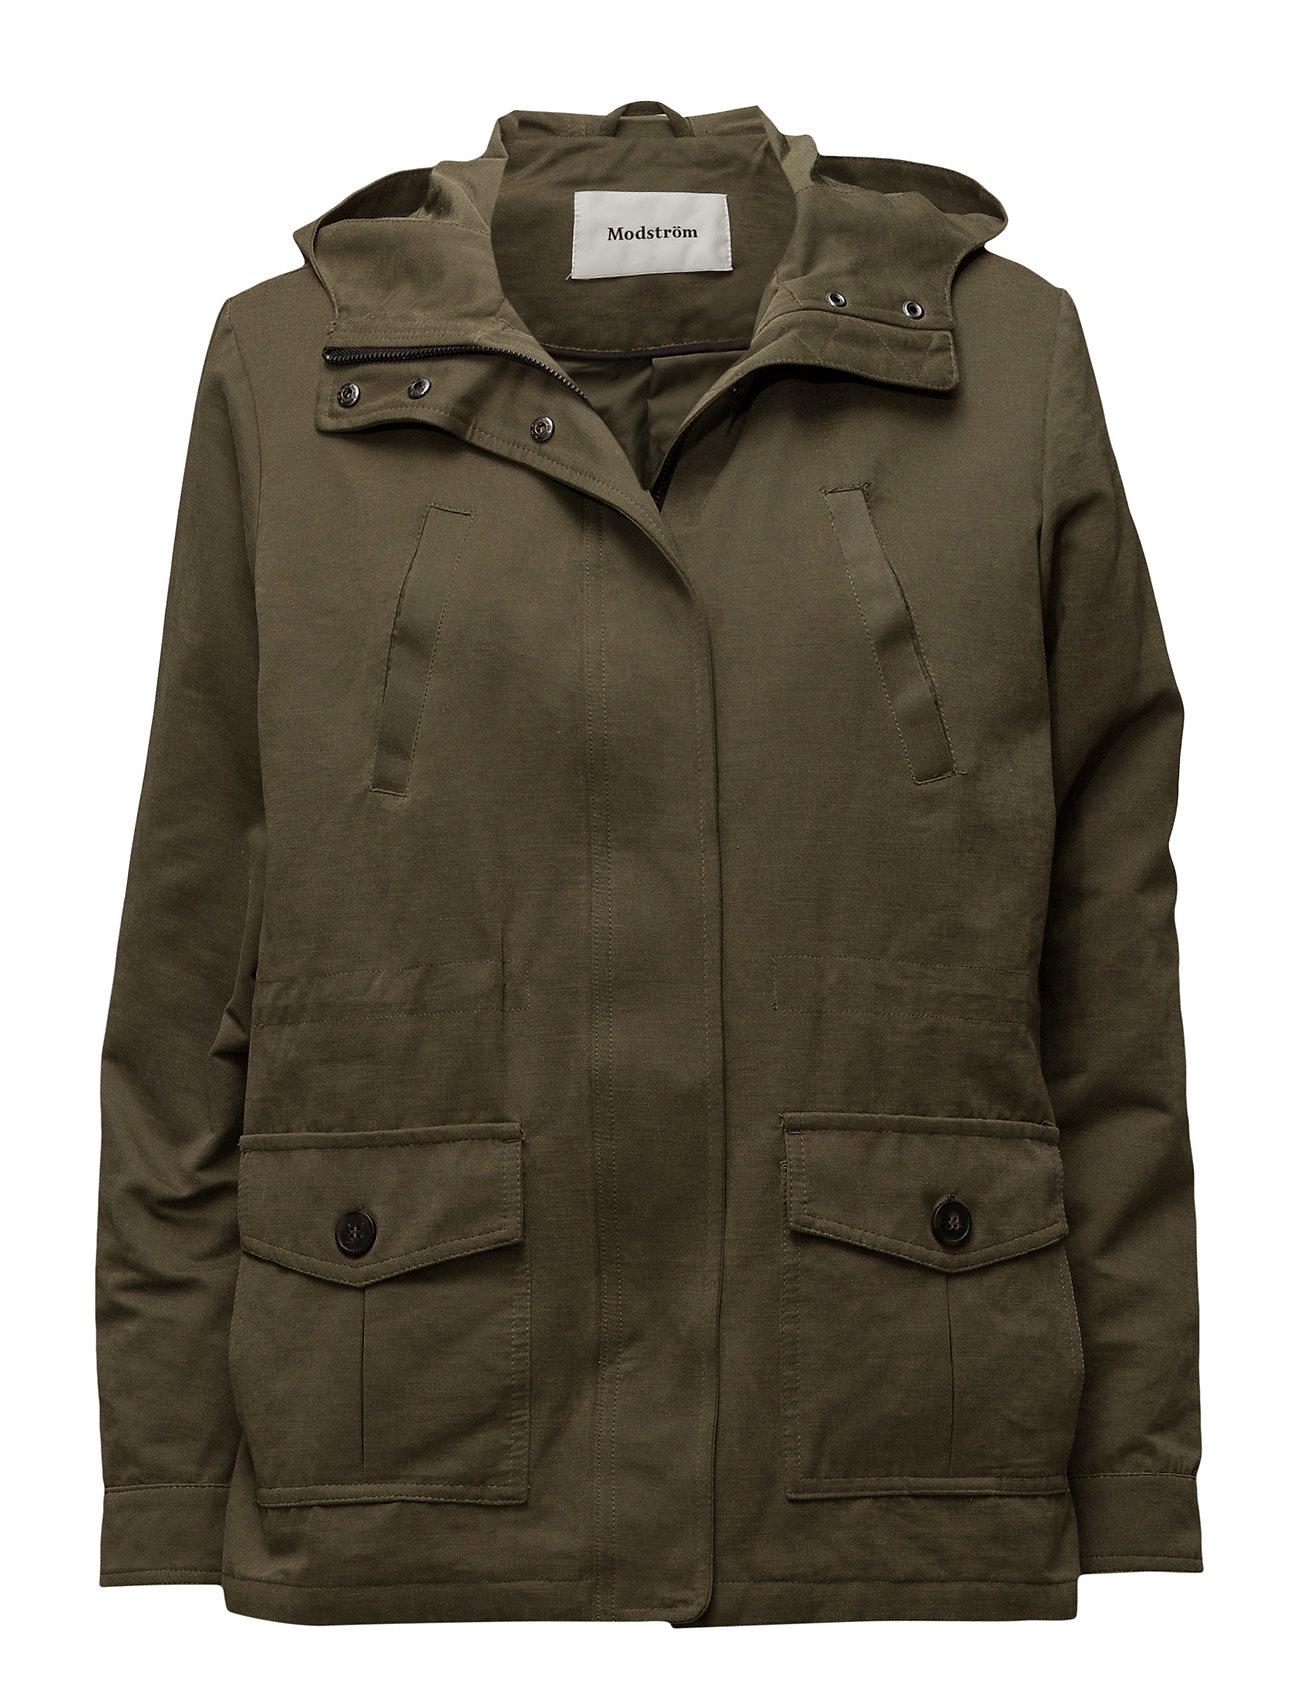 Modström Roger jacket